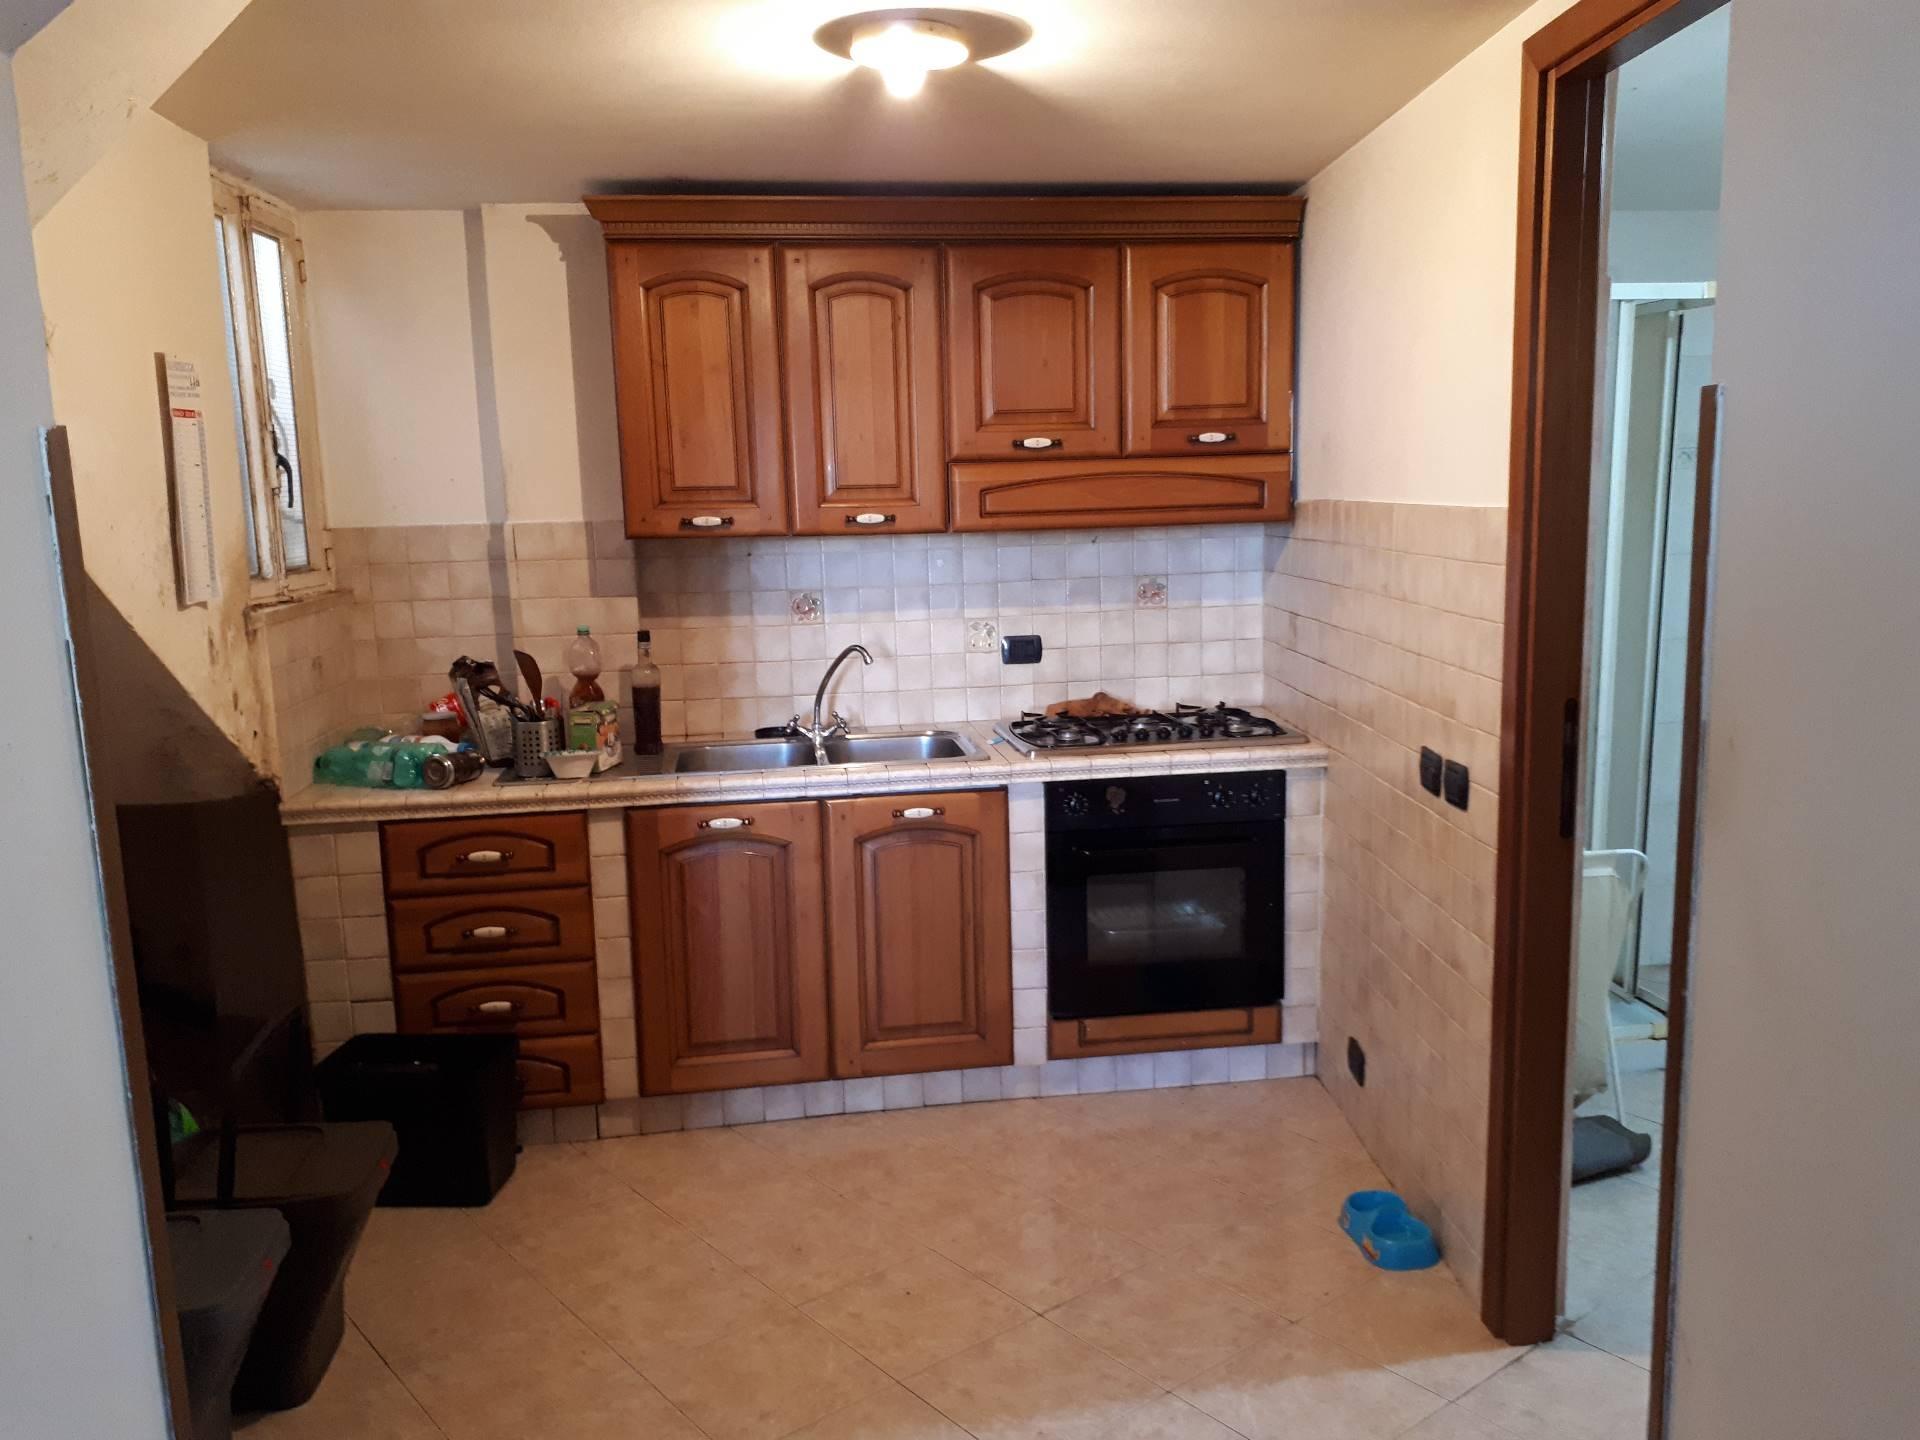 Appartamento in vendita a Montelibretti, 3 locali, prezzo € 39.000 | CambioCasa.it